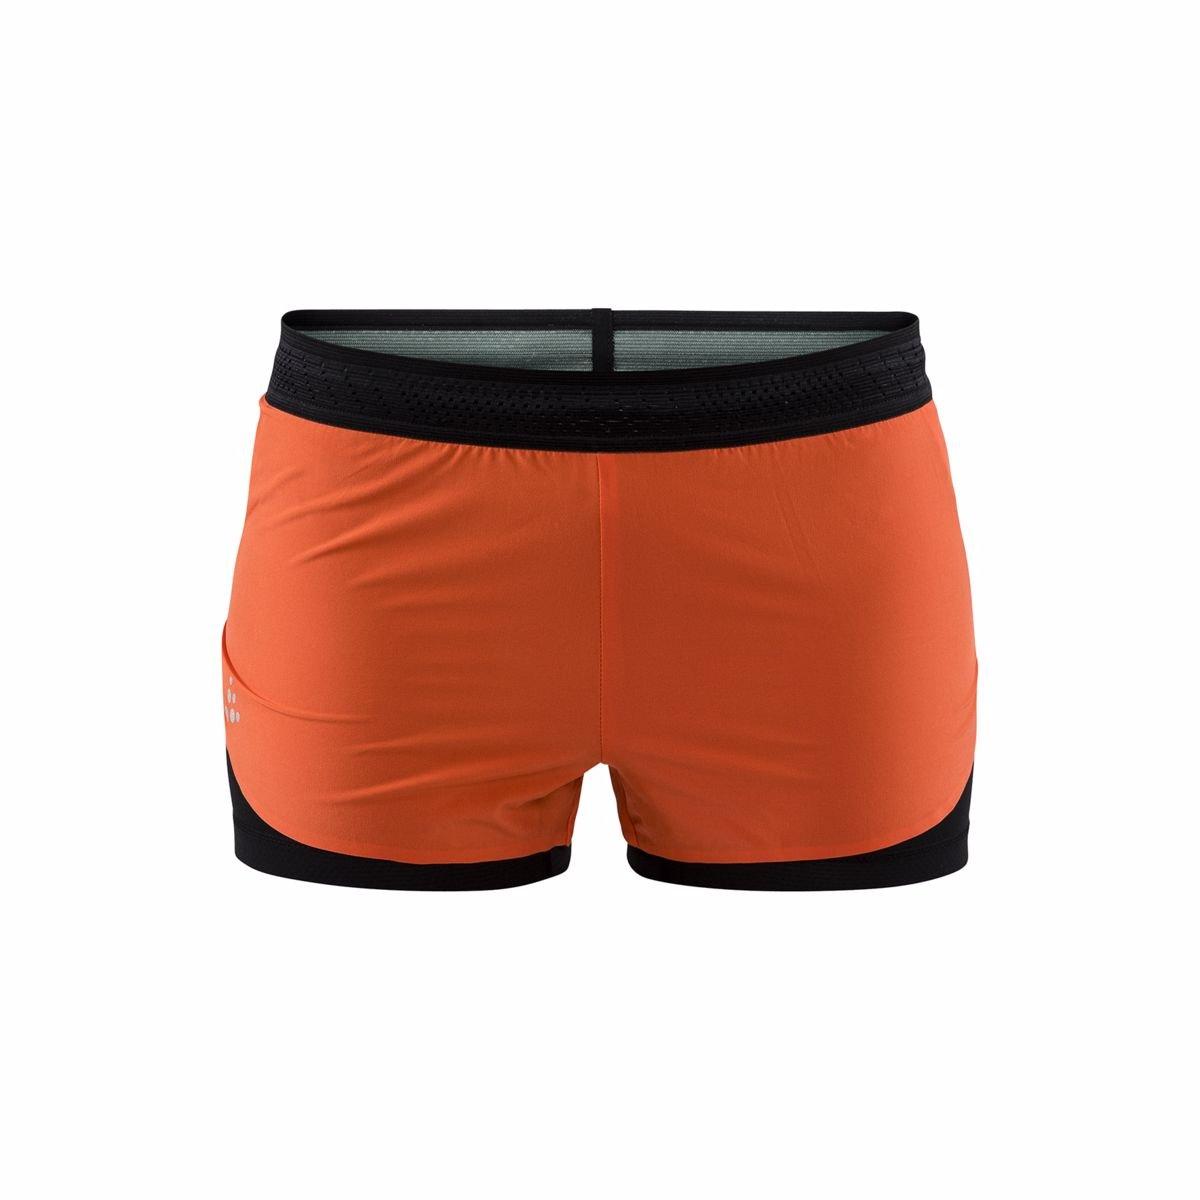 Craft W Šortky Nanoweight Shorts oranžová XL